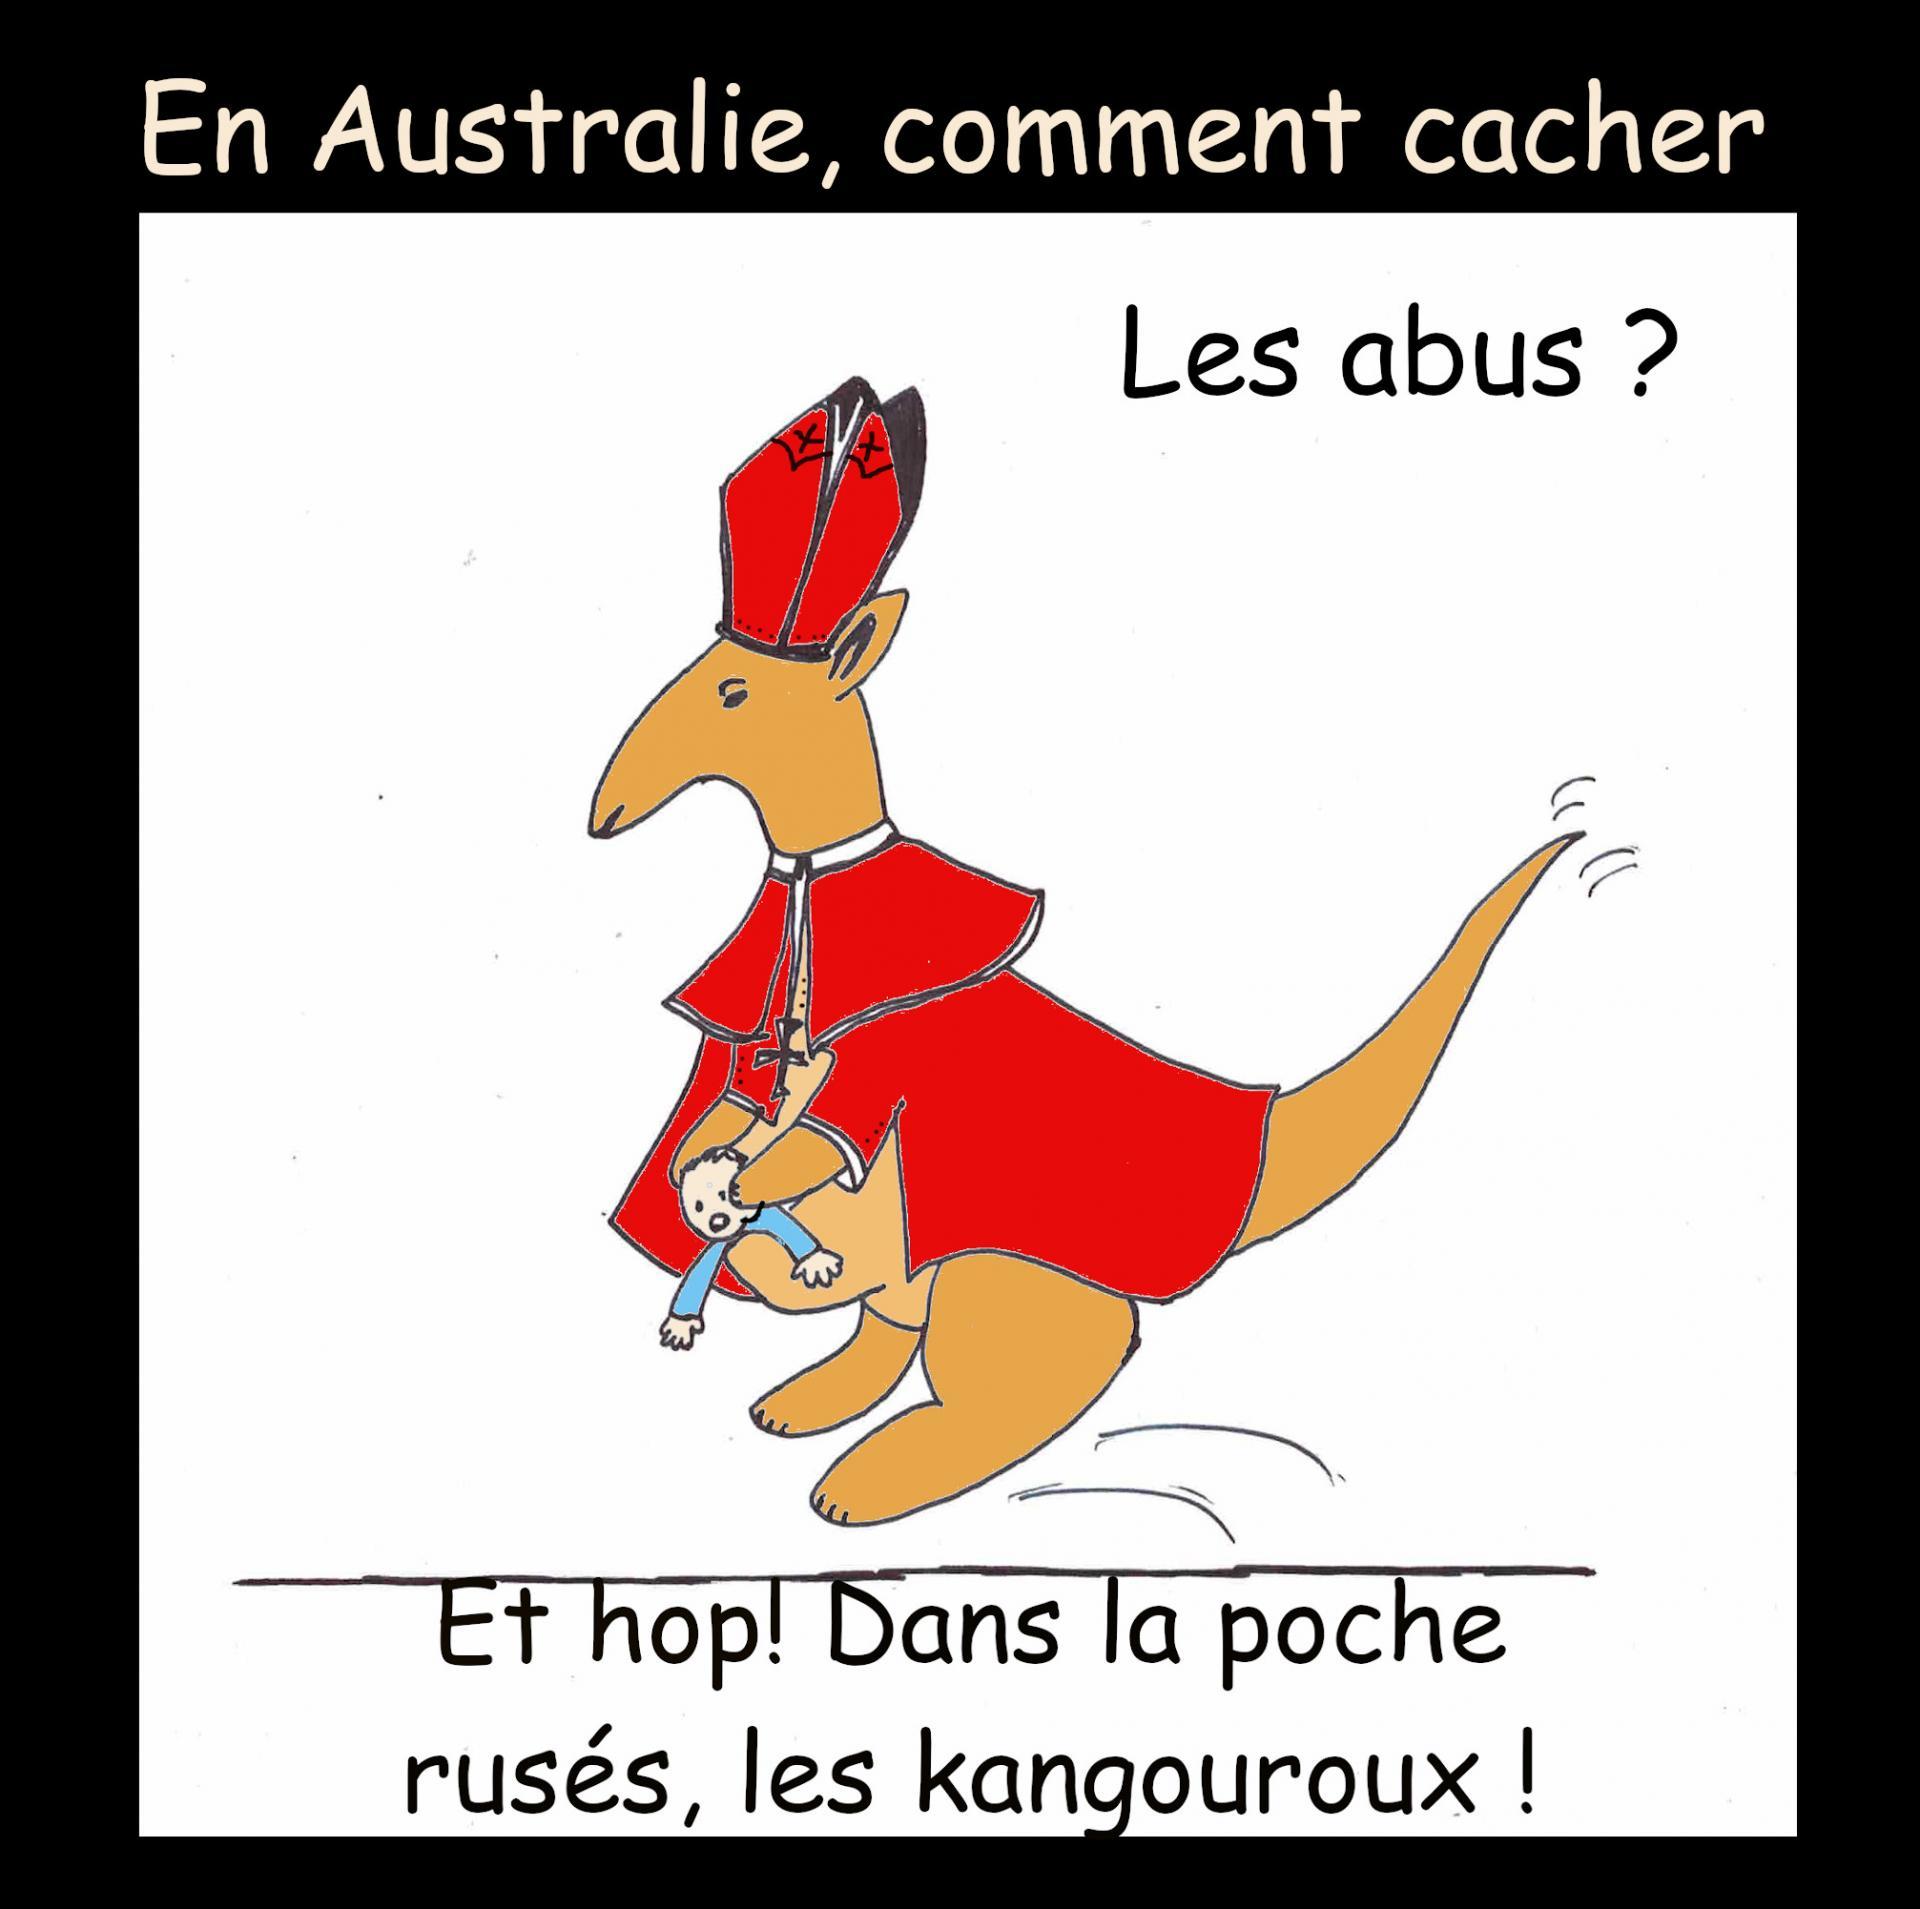 Synode australie kangouroux